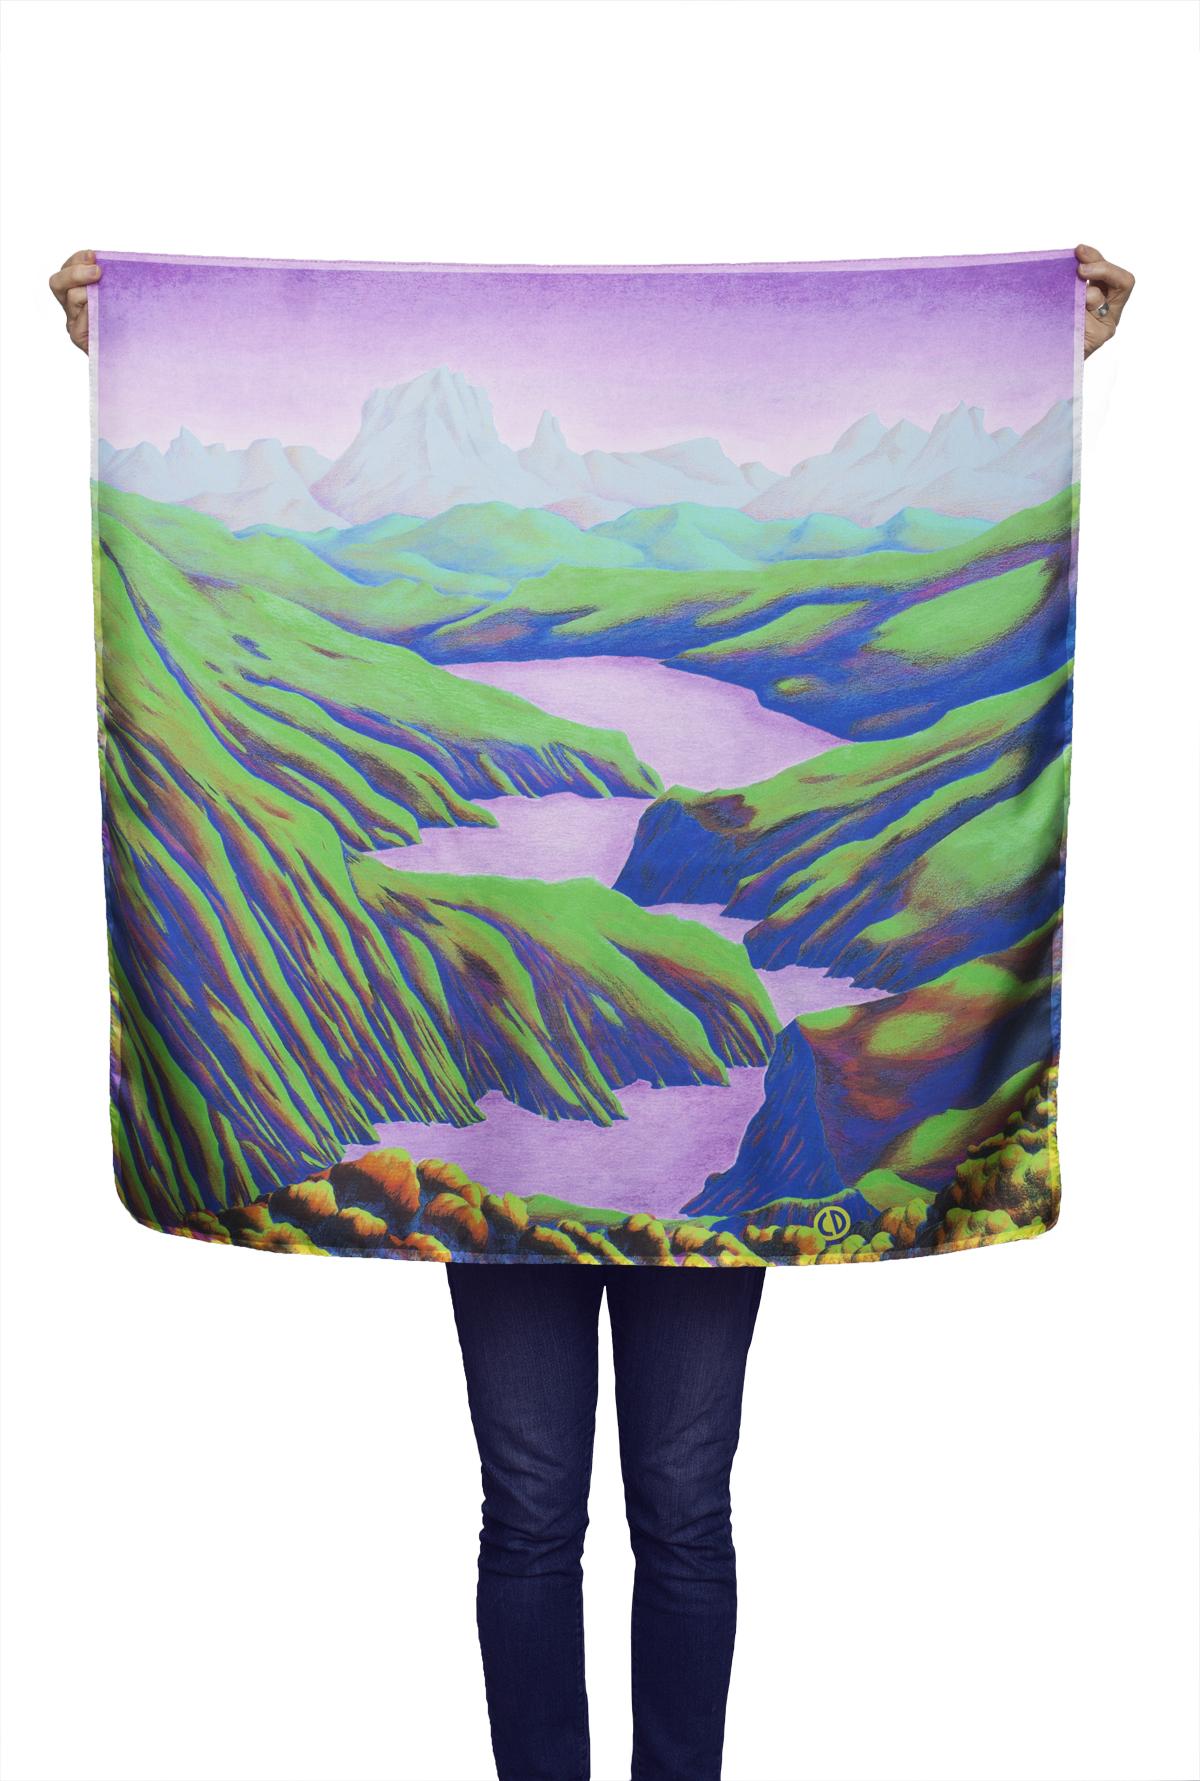 Foulard -paysage sur soie de Céline Dominiak